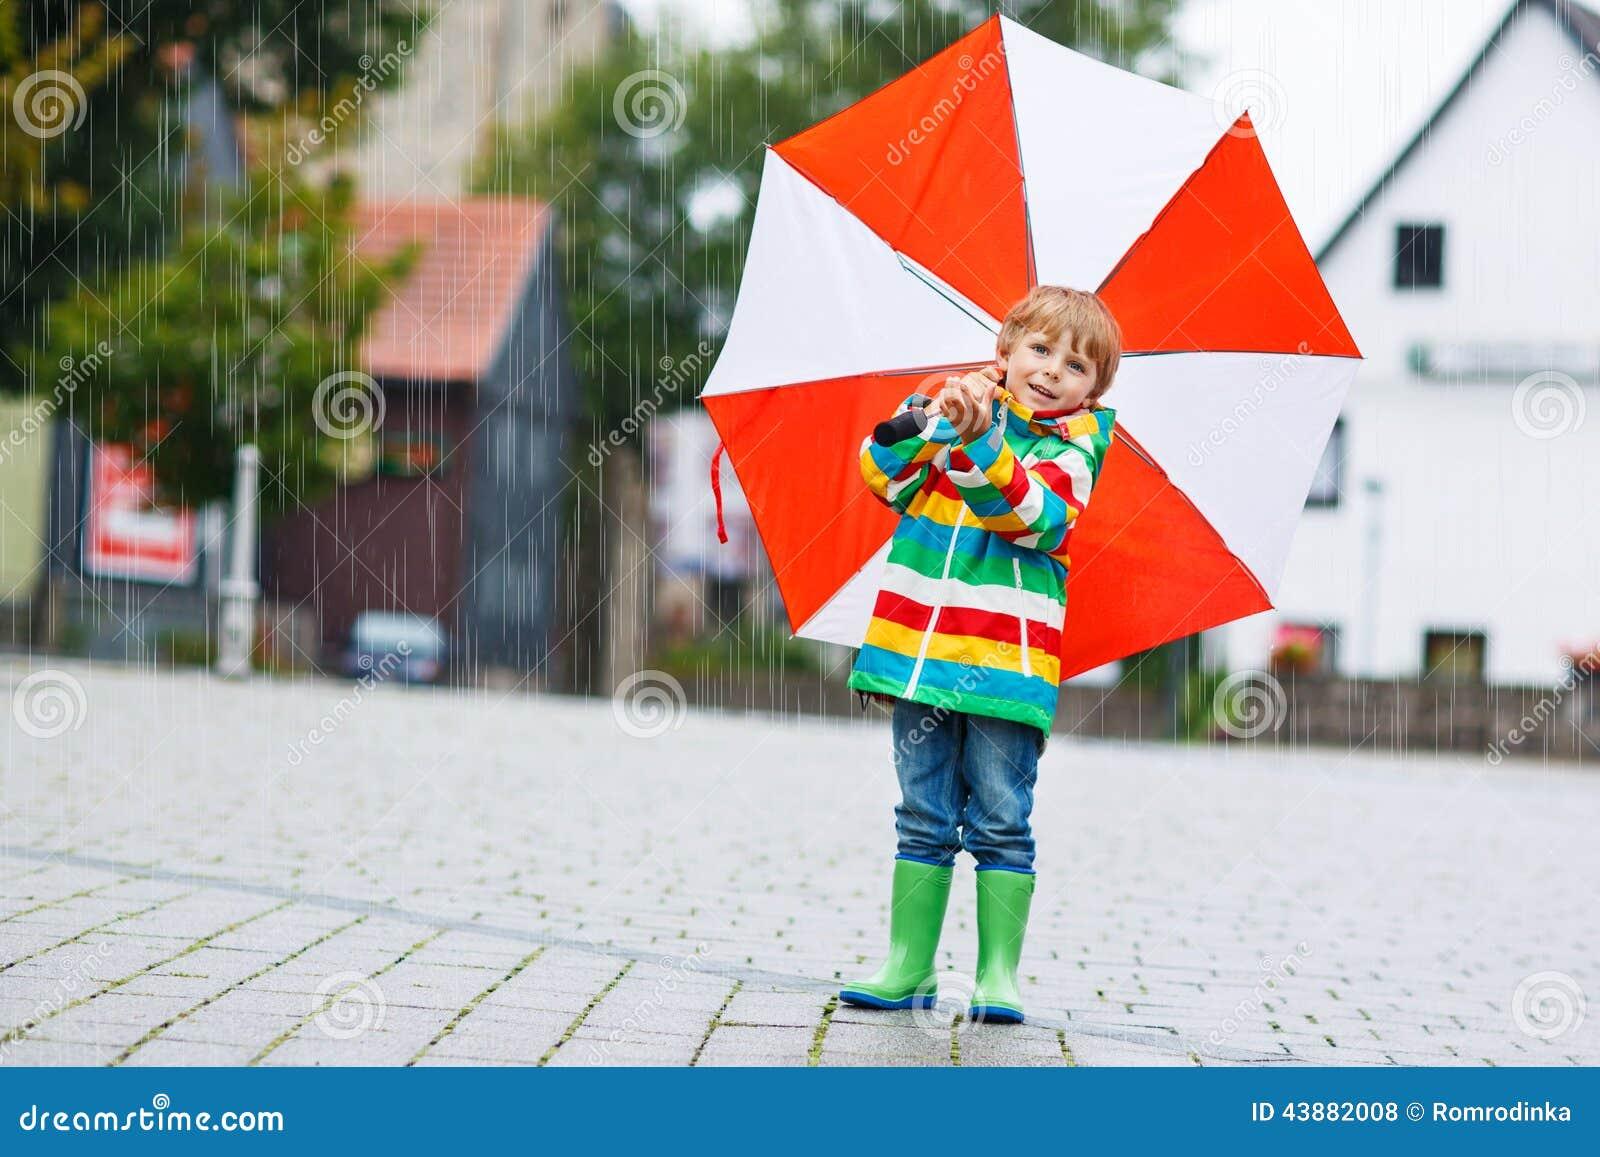 Toddler Boy Rain Jacket